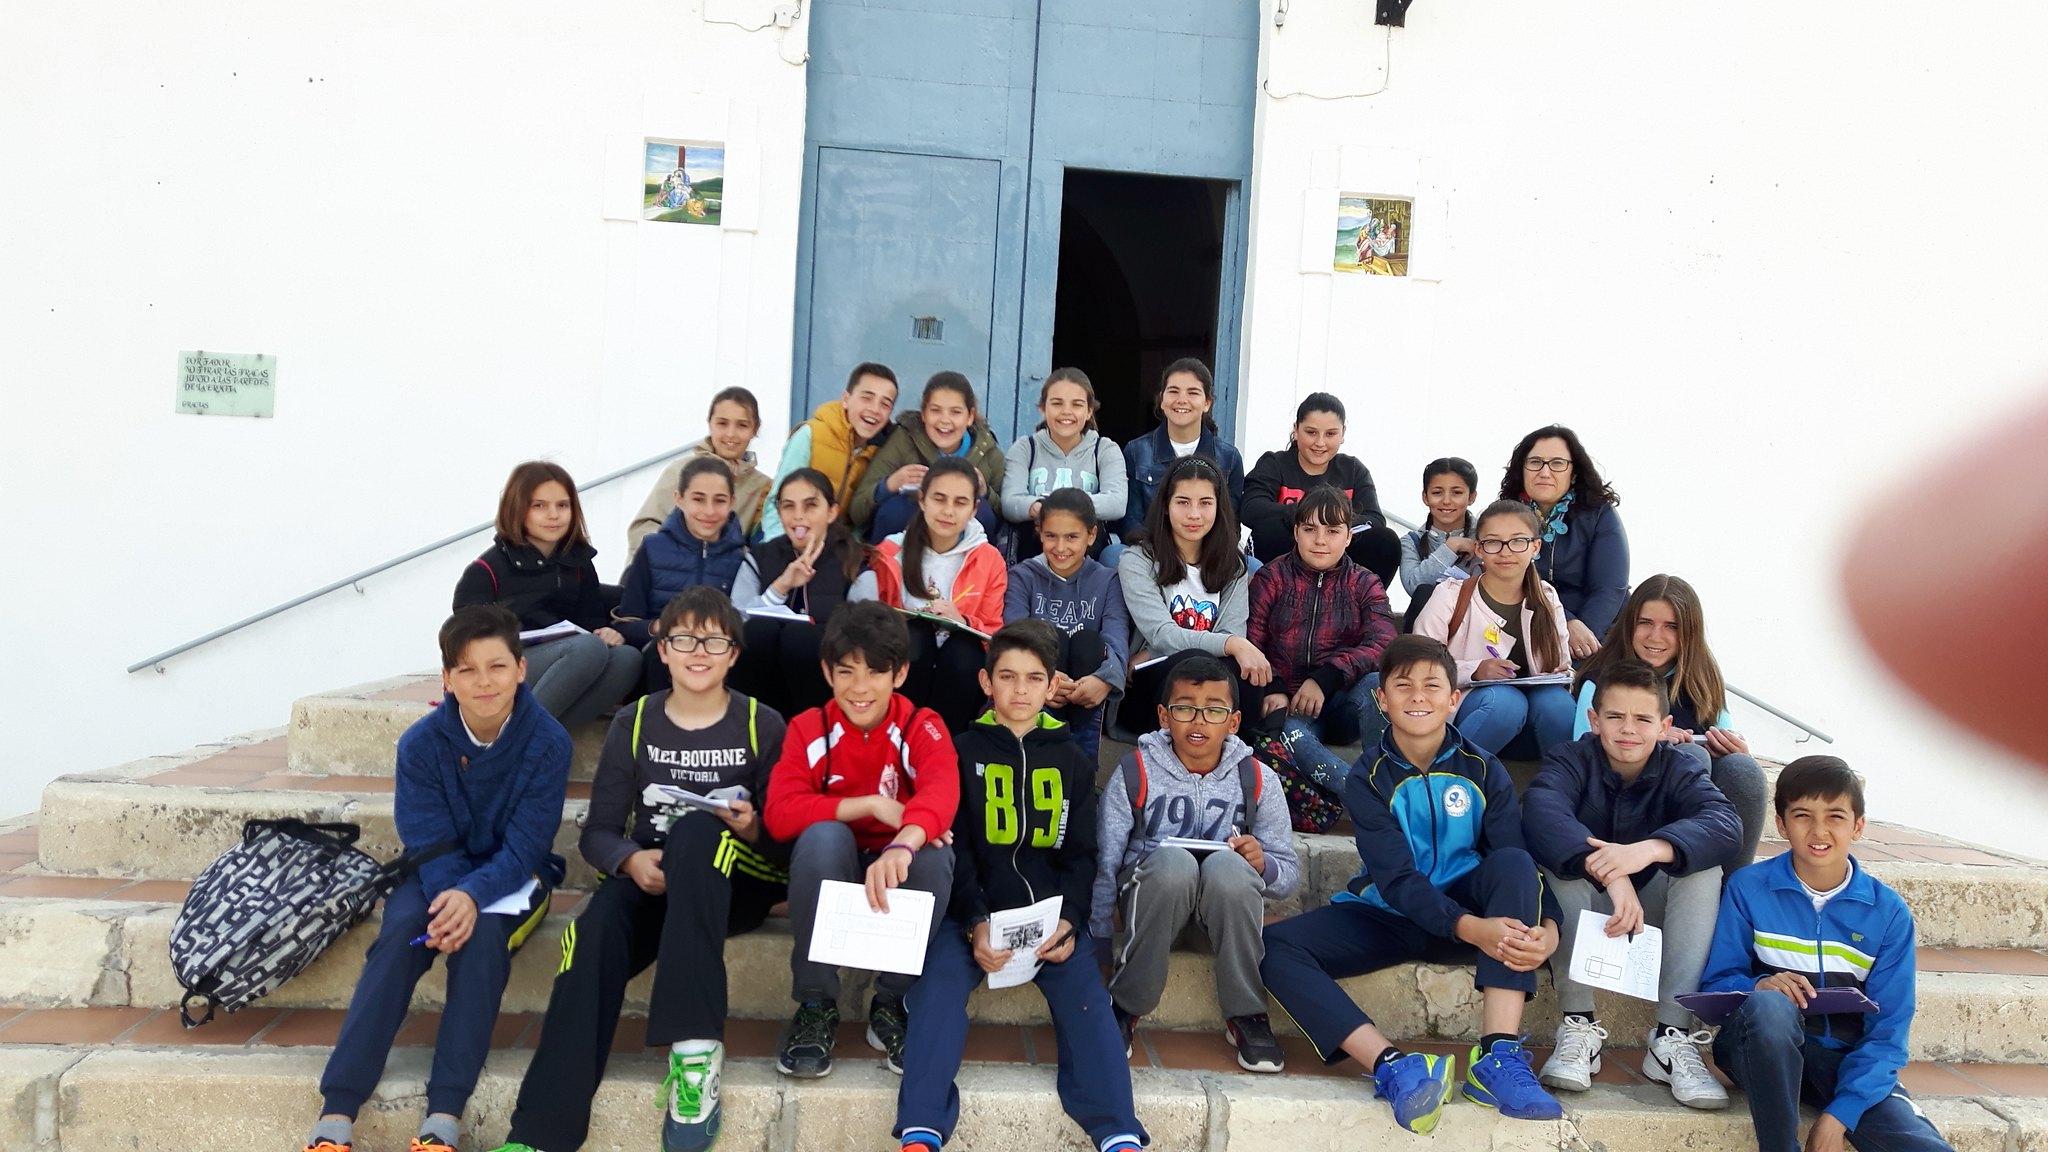 (2017-03-31) - Visita ermita alumnos Pilar, profesora religión 9 Octubre - Marzo -  María Isabel Berenguer Brotons - (02)